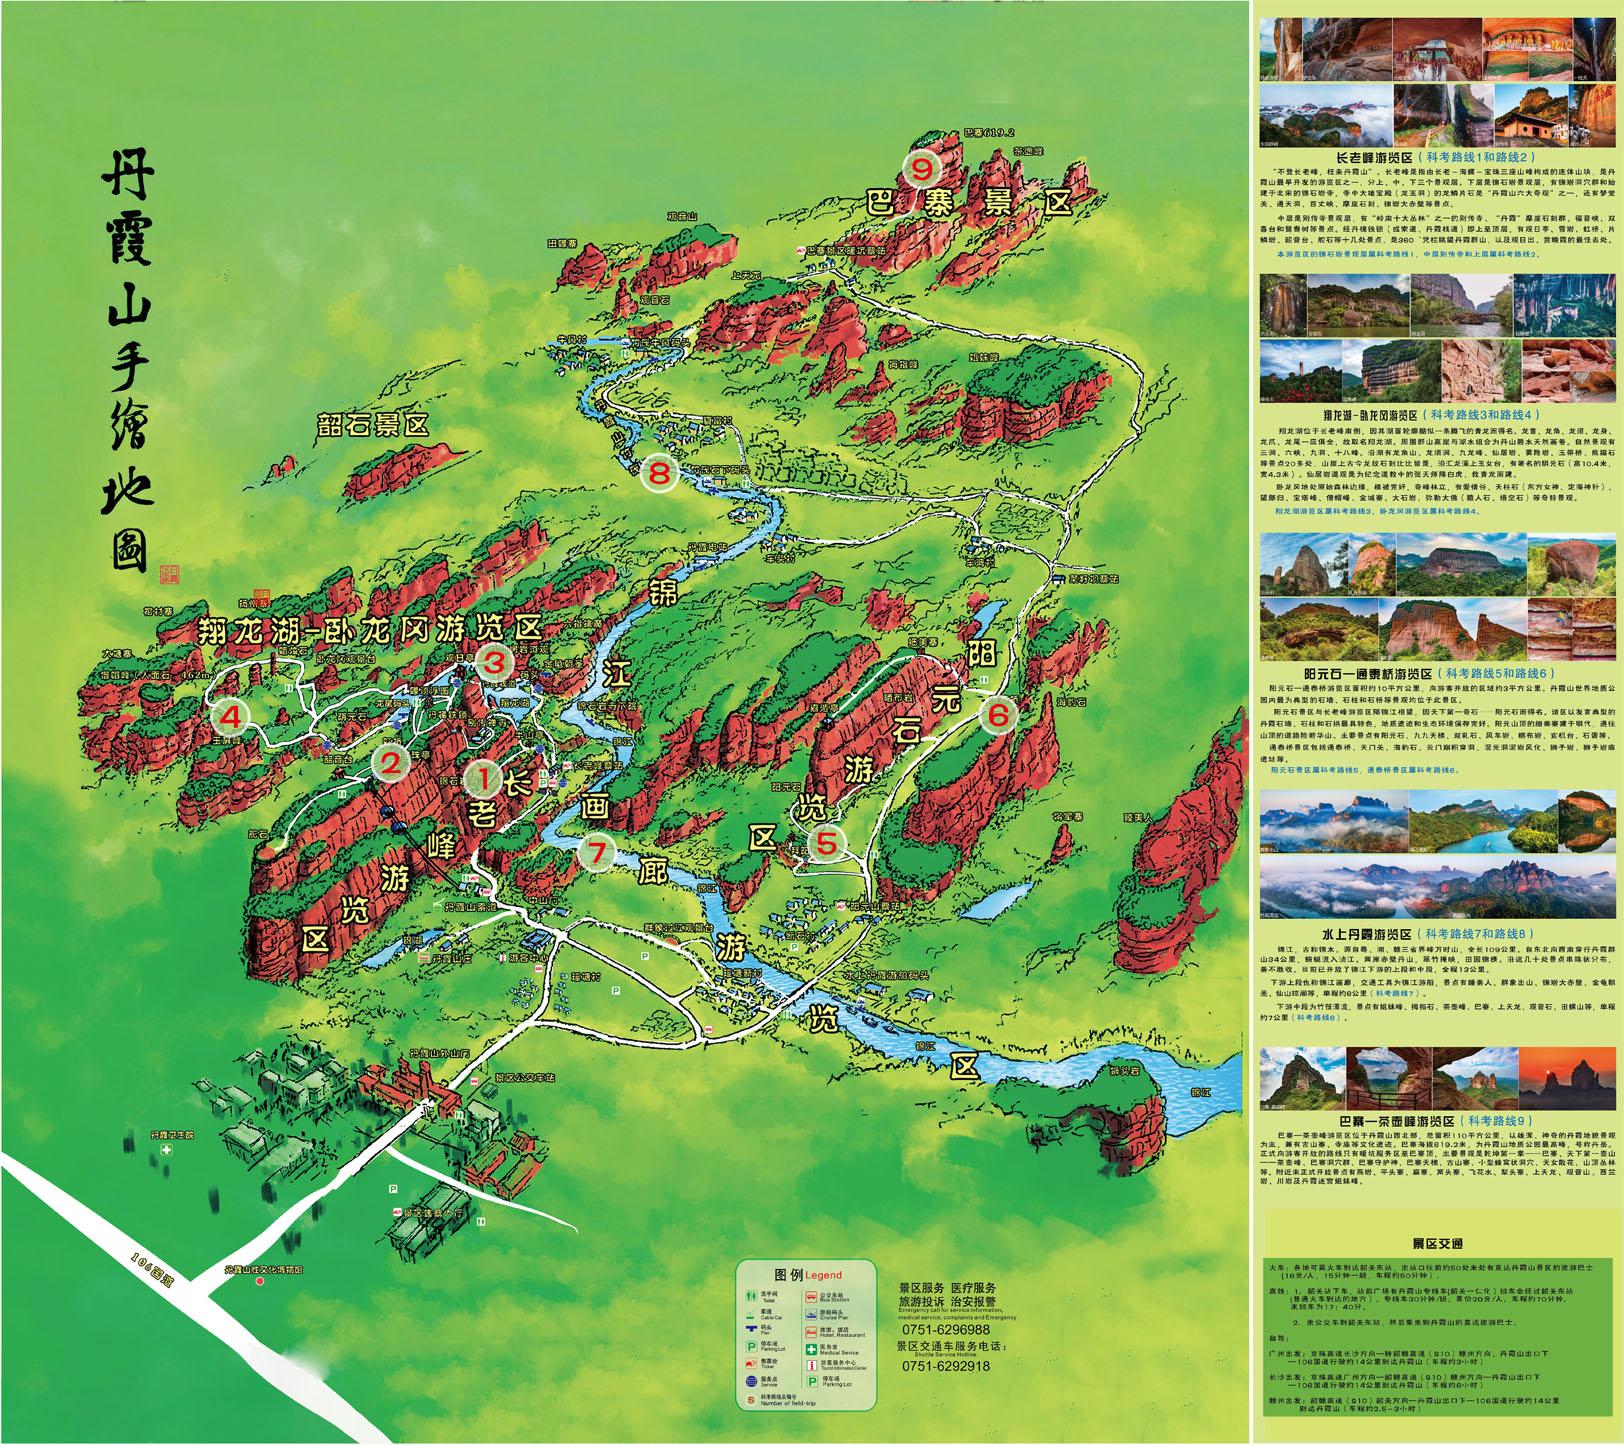 丹霞山手绘导游图-字体匹配-1.jpg